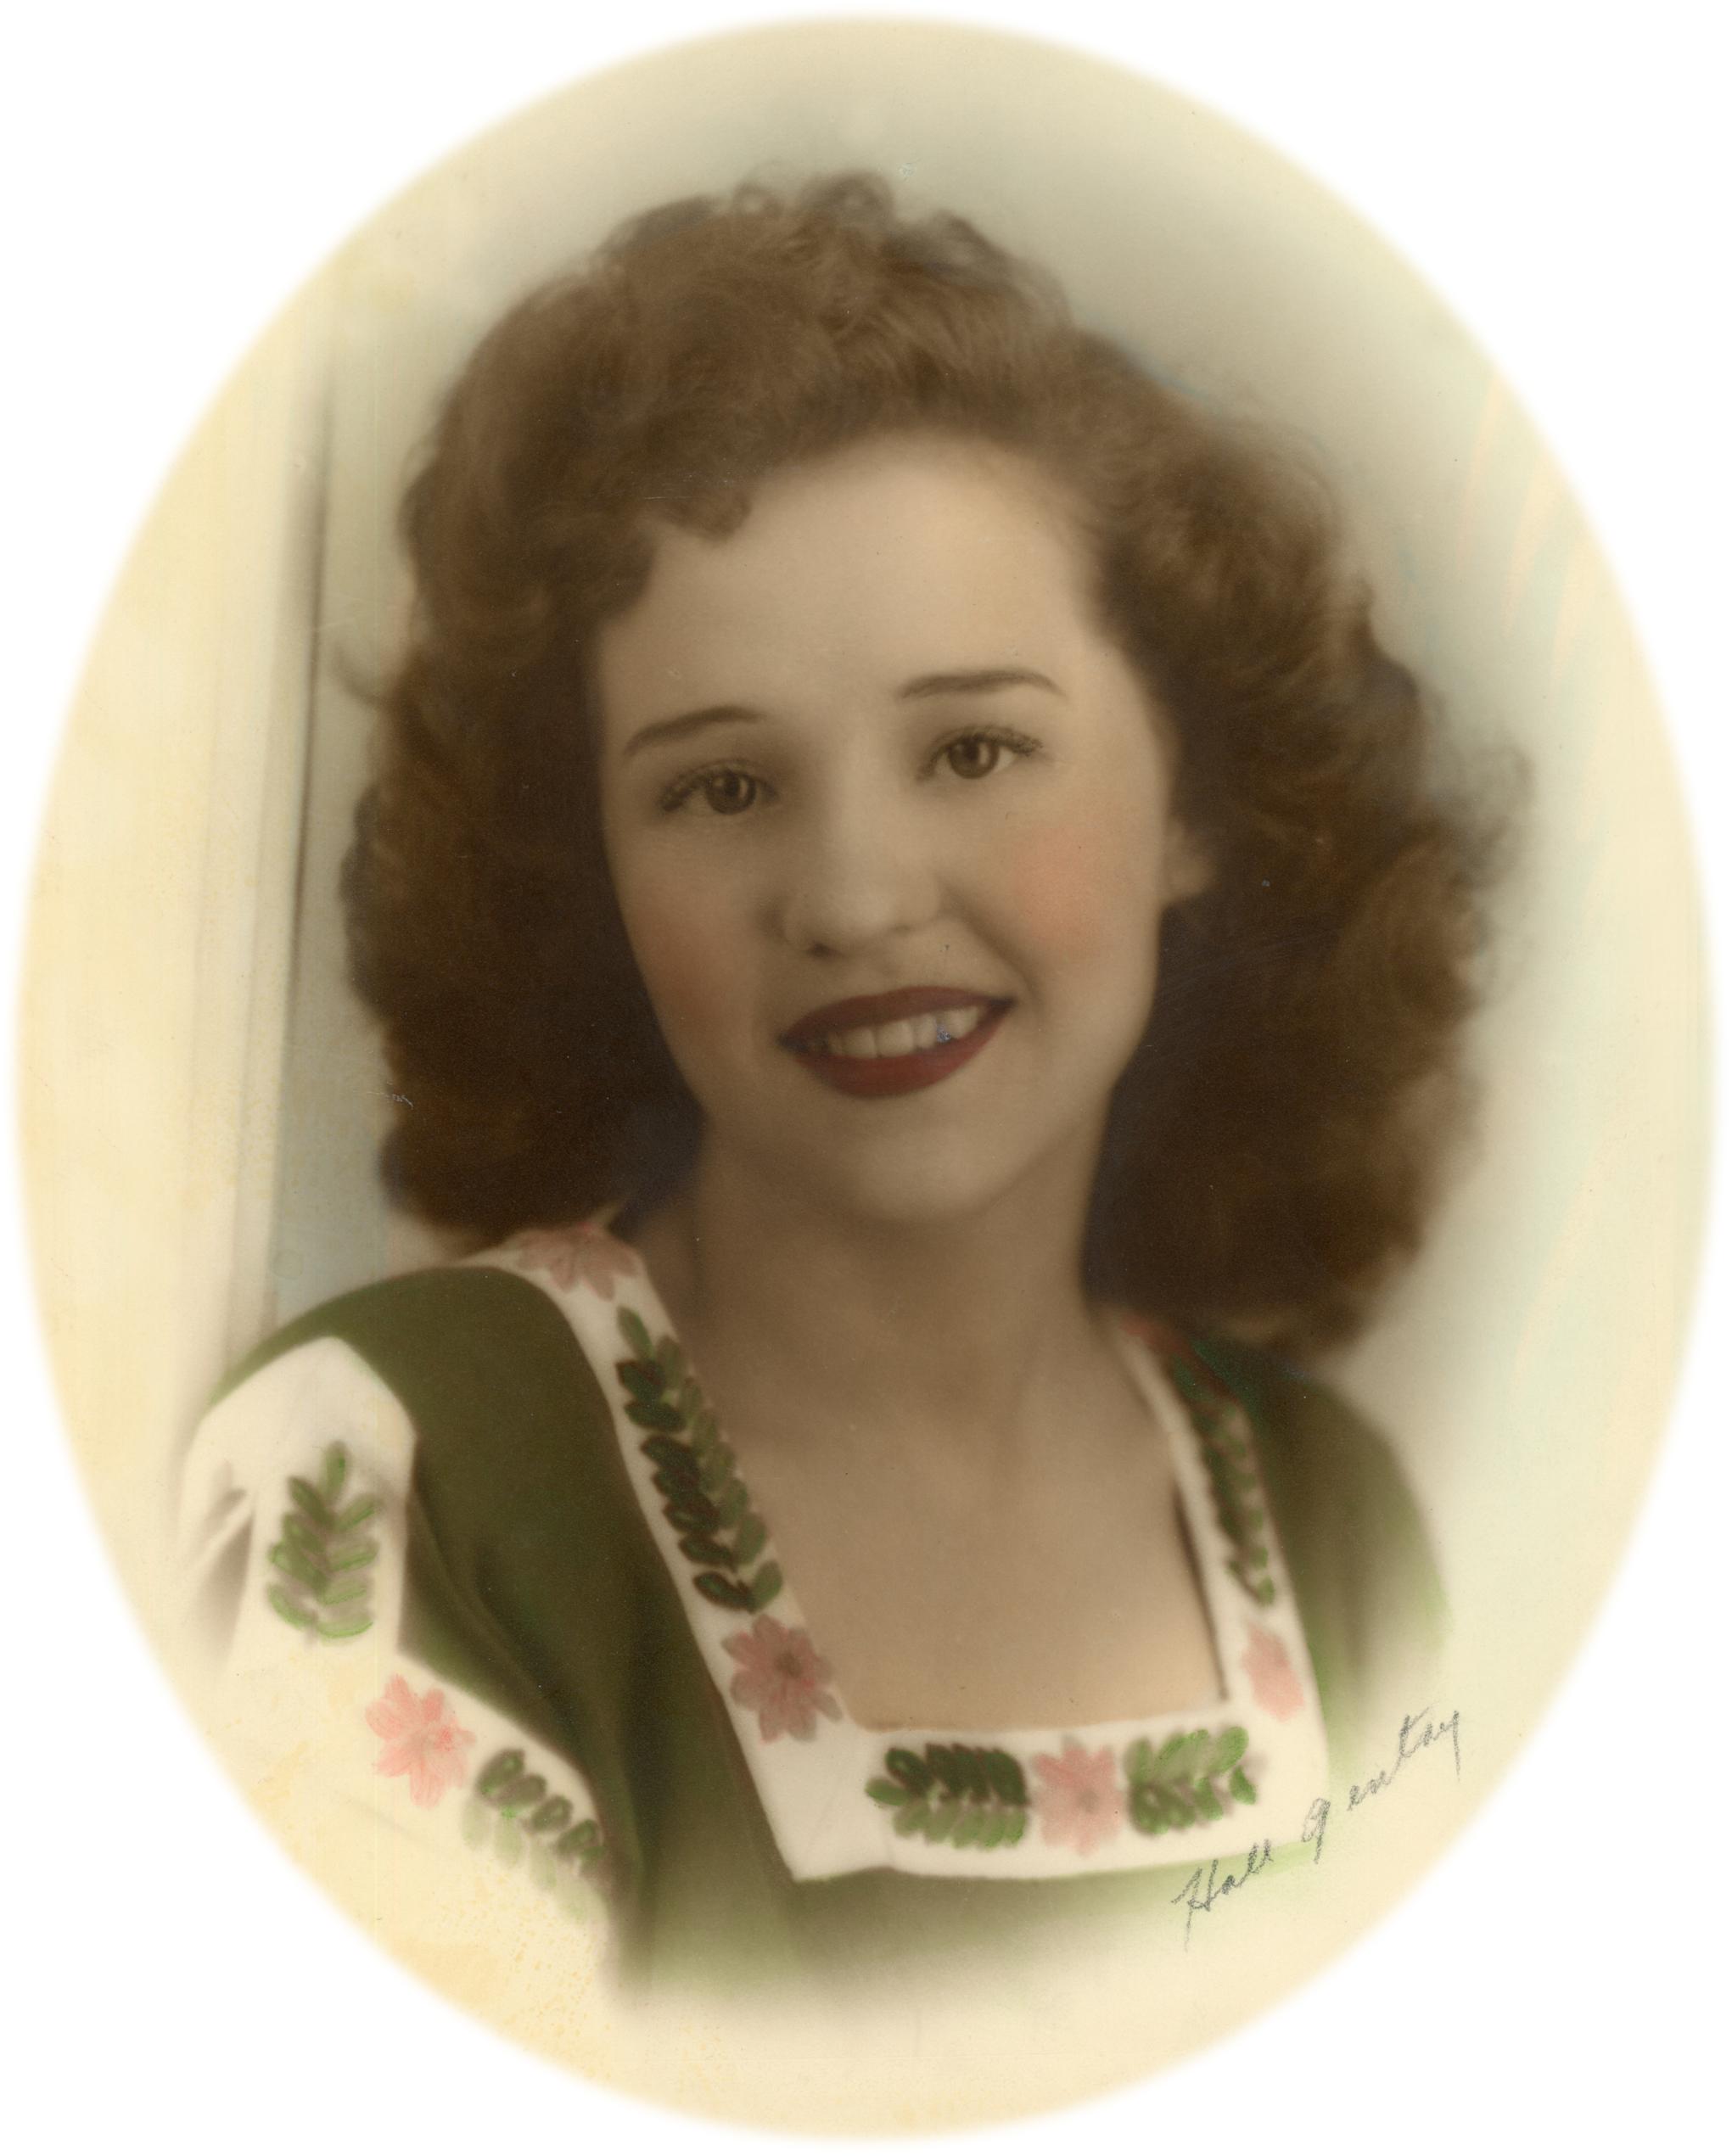 Phyllis (Kuehner) Zoucha